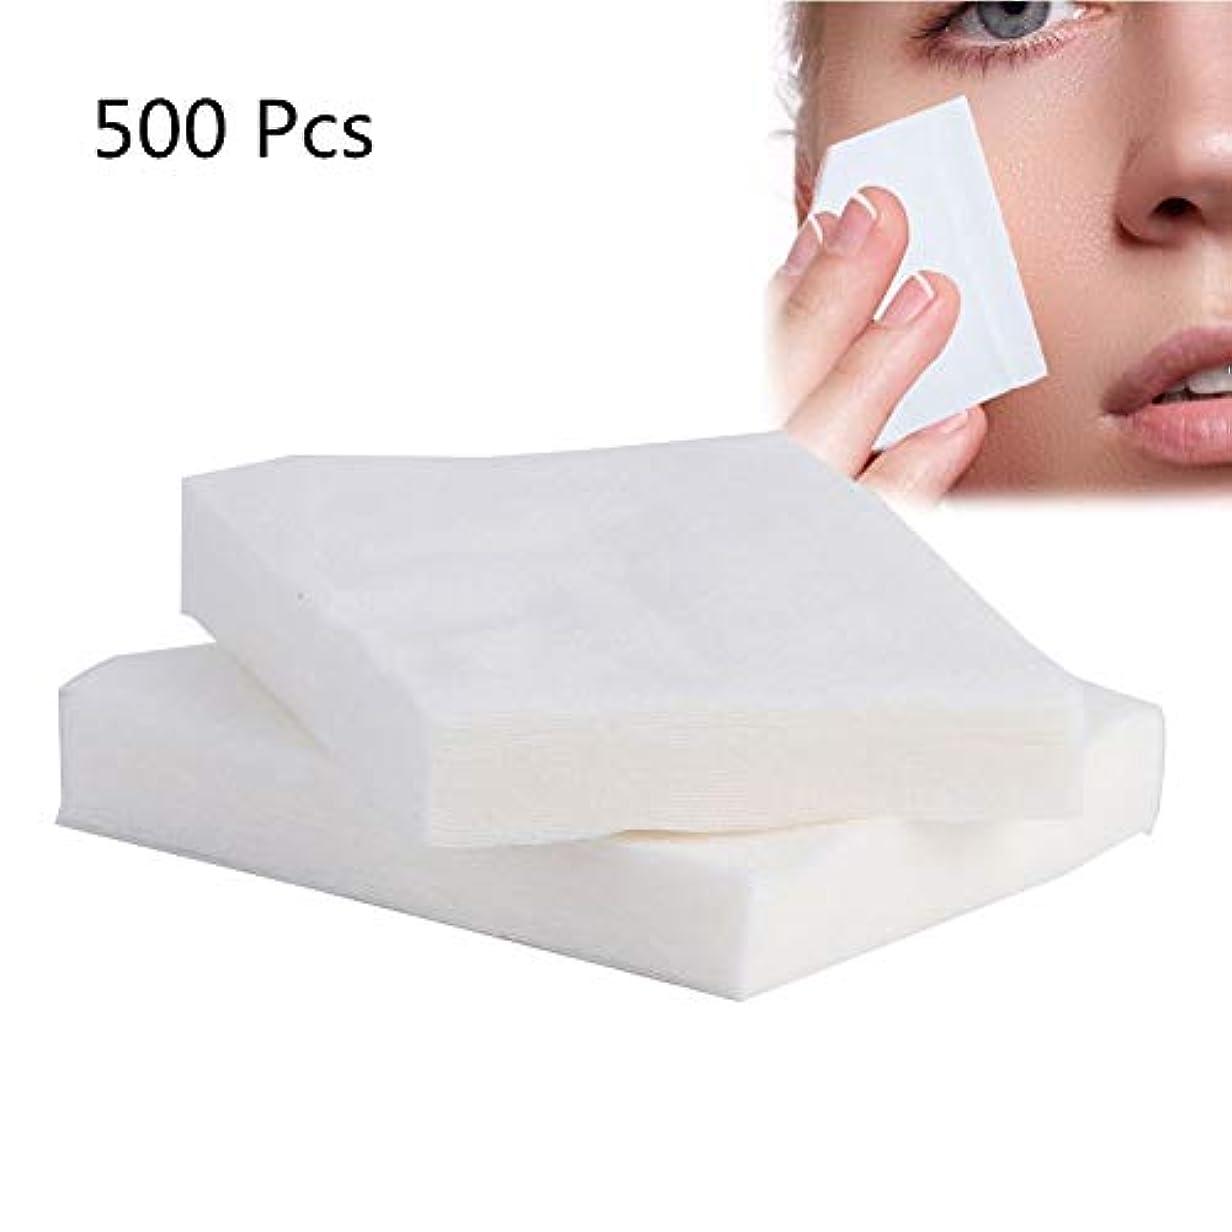 解決する簡単な用量500ピース綿棒、化粧用メイク落とし、洗顔、ウェット/ドライ/フェイス/メイク落とし用